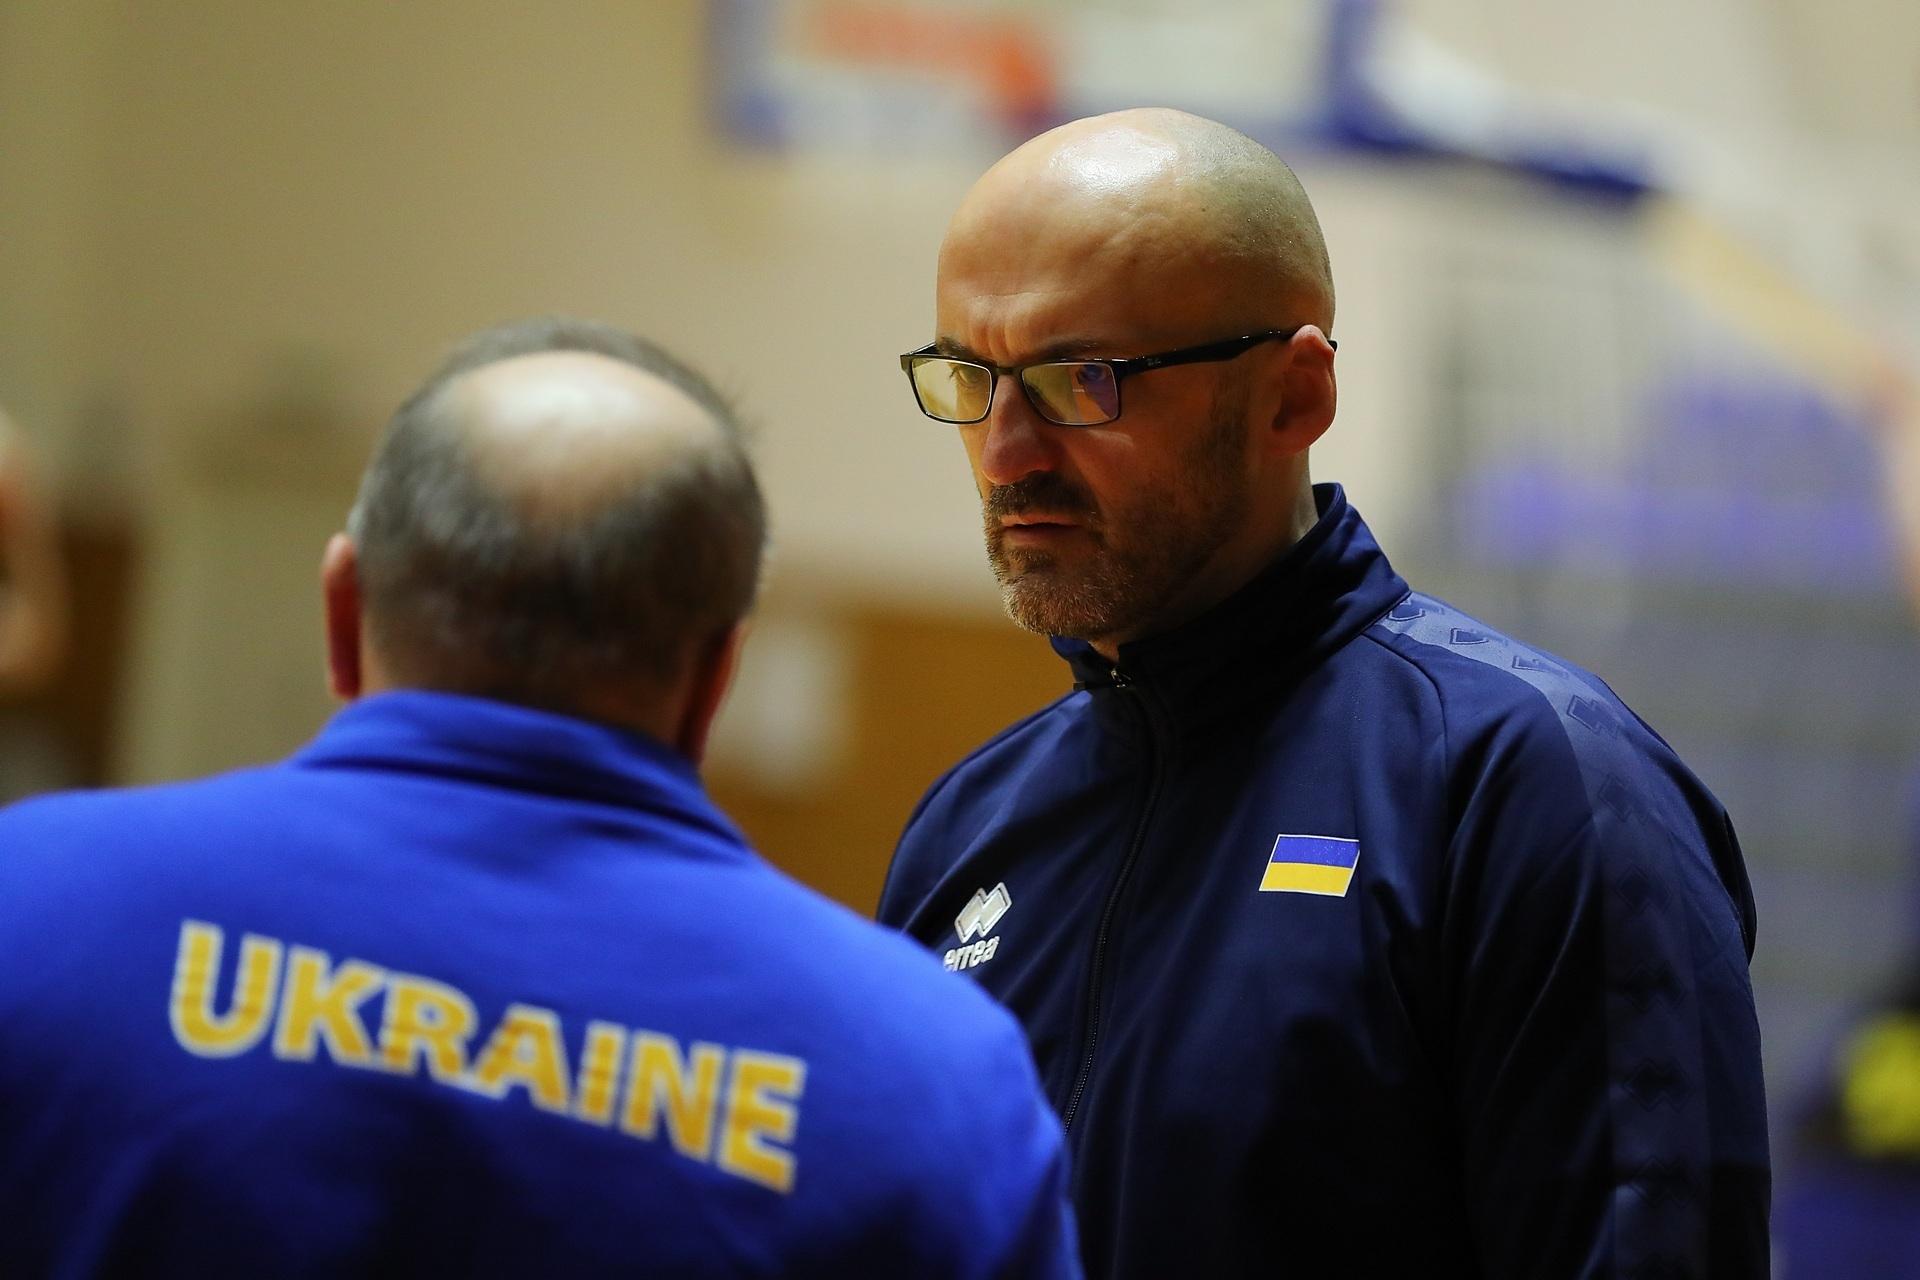 Срджан Радулович: не кожна здатна закинути 30 очок за гру, але кожна може боротися